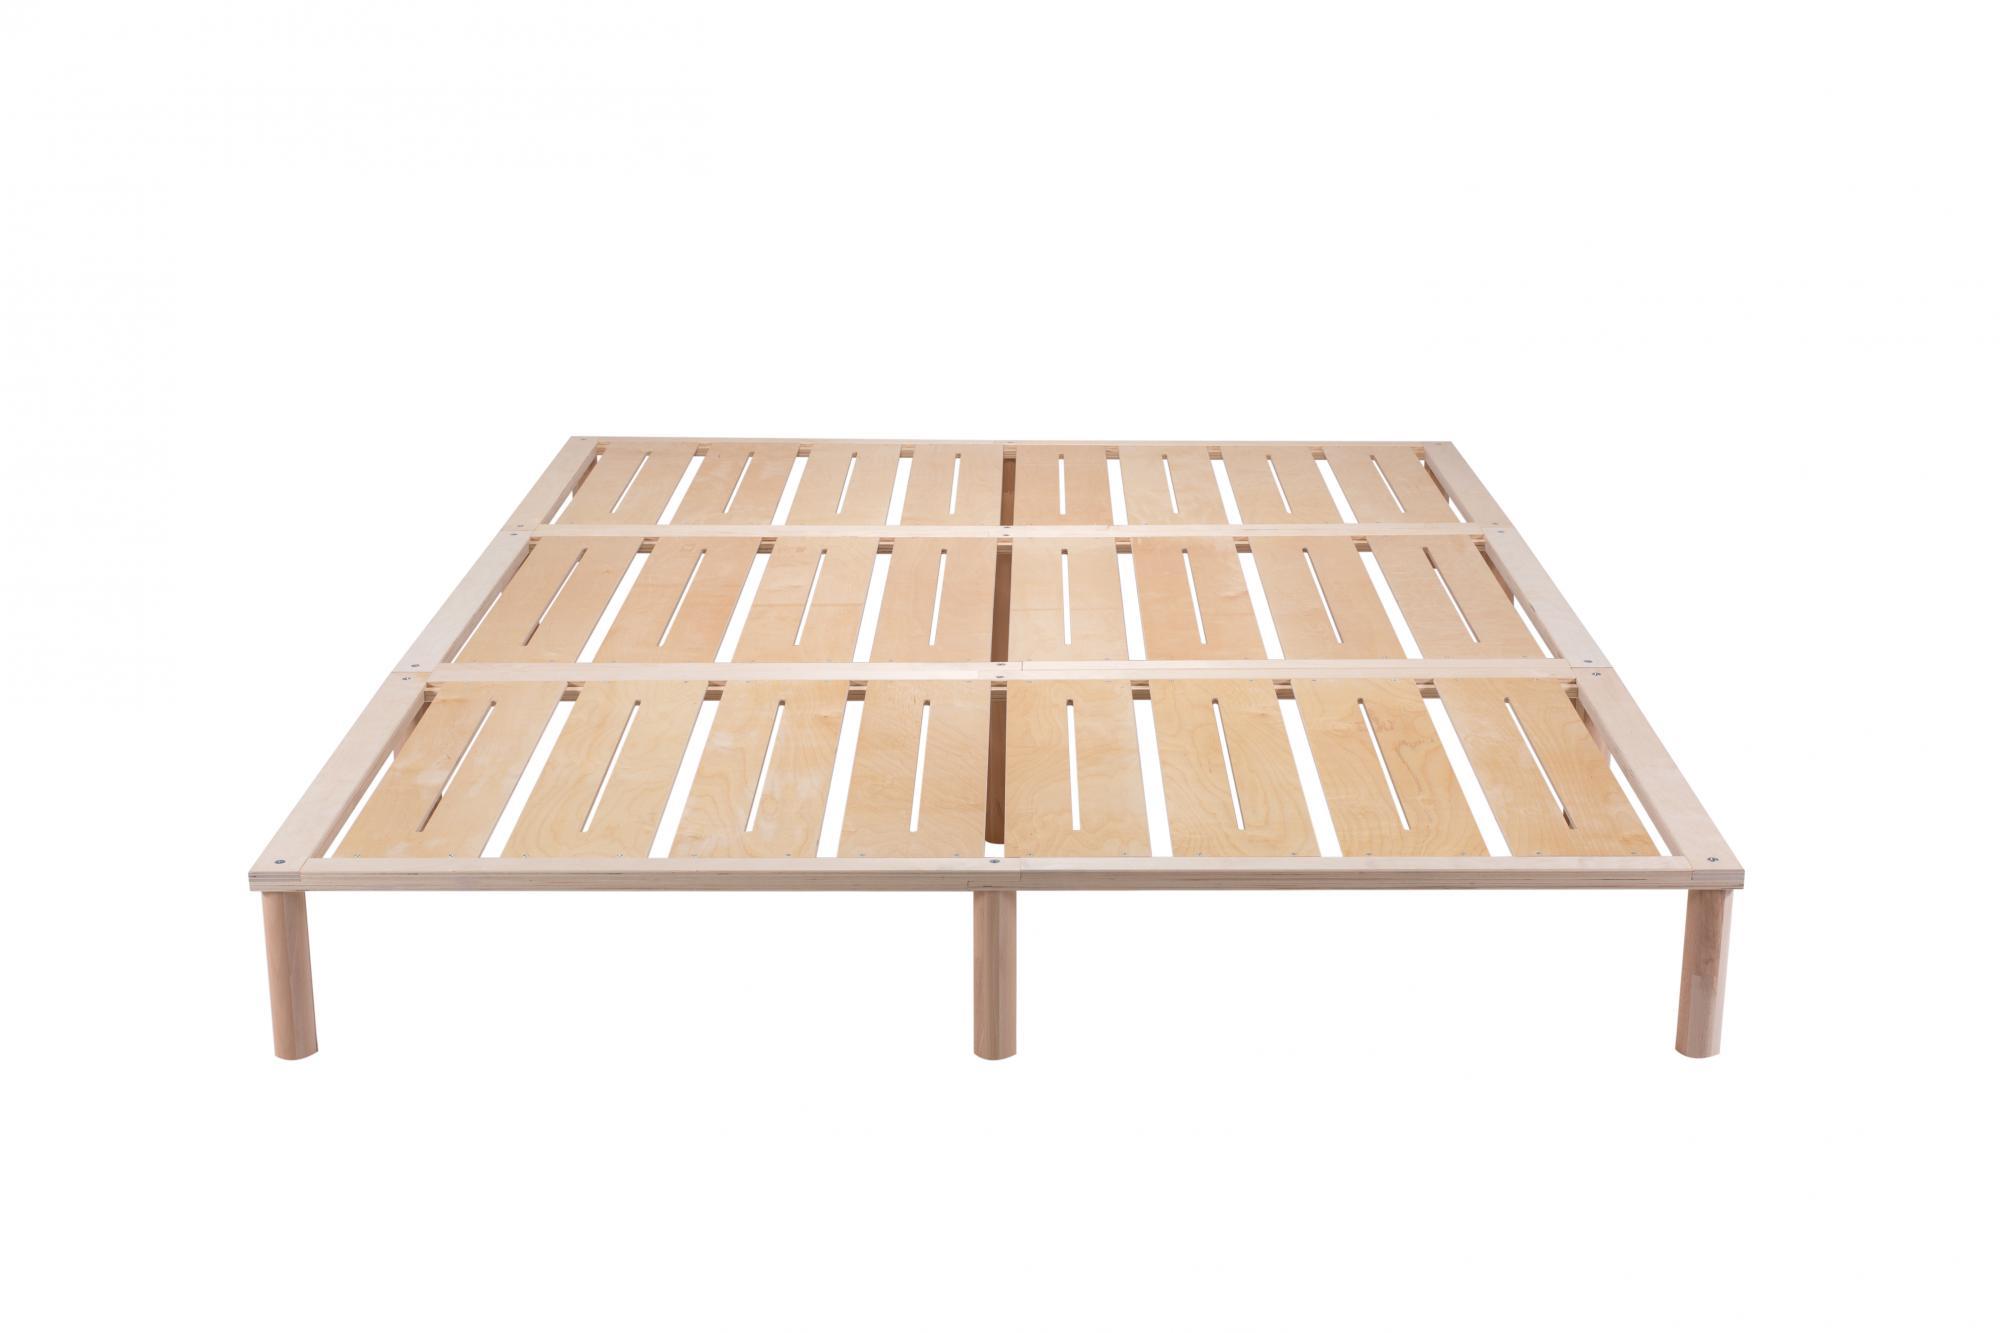 Gigapur G1 29784 Bett | Co-Sleeping | Birke Natur Schicht-Holz | Bettrahmen belastbar bis 195 kg | 280 x 200 cm (2 x 90 x 200 cm + 1 x 100 x 200 cm)